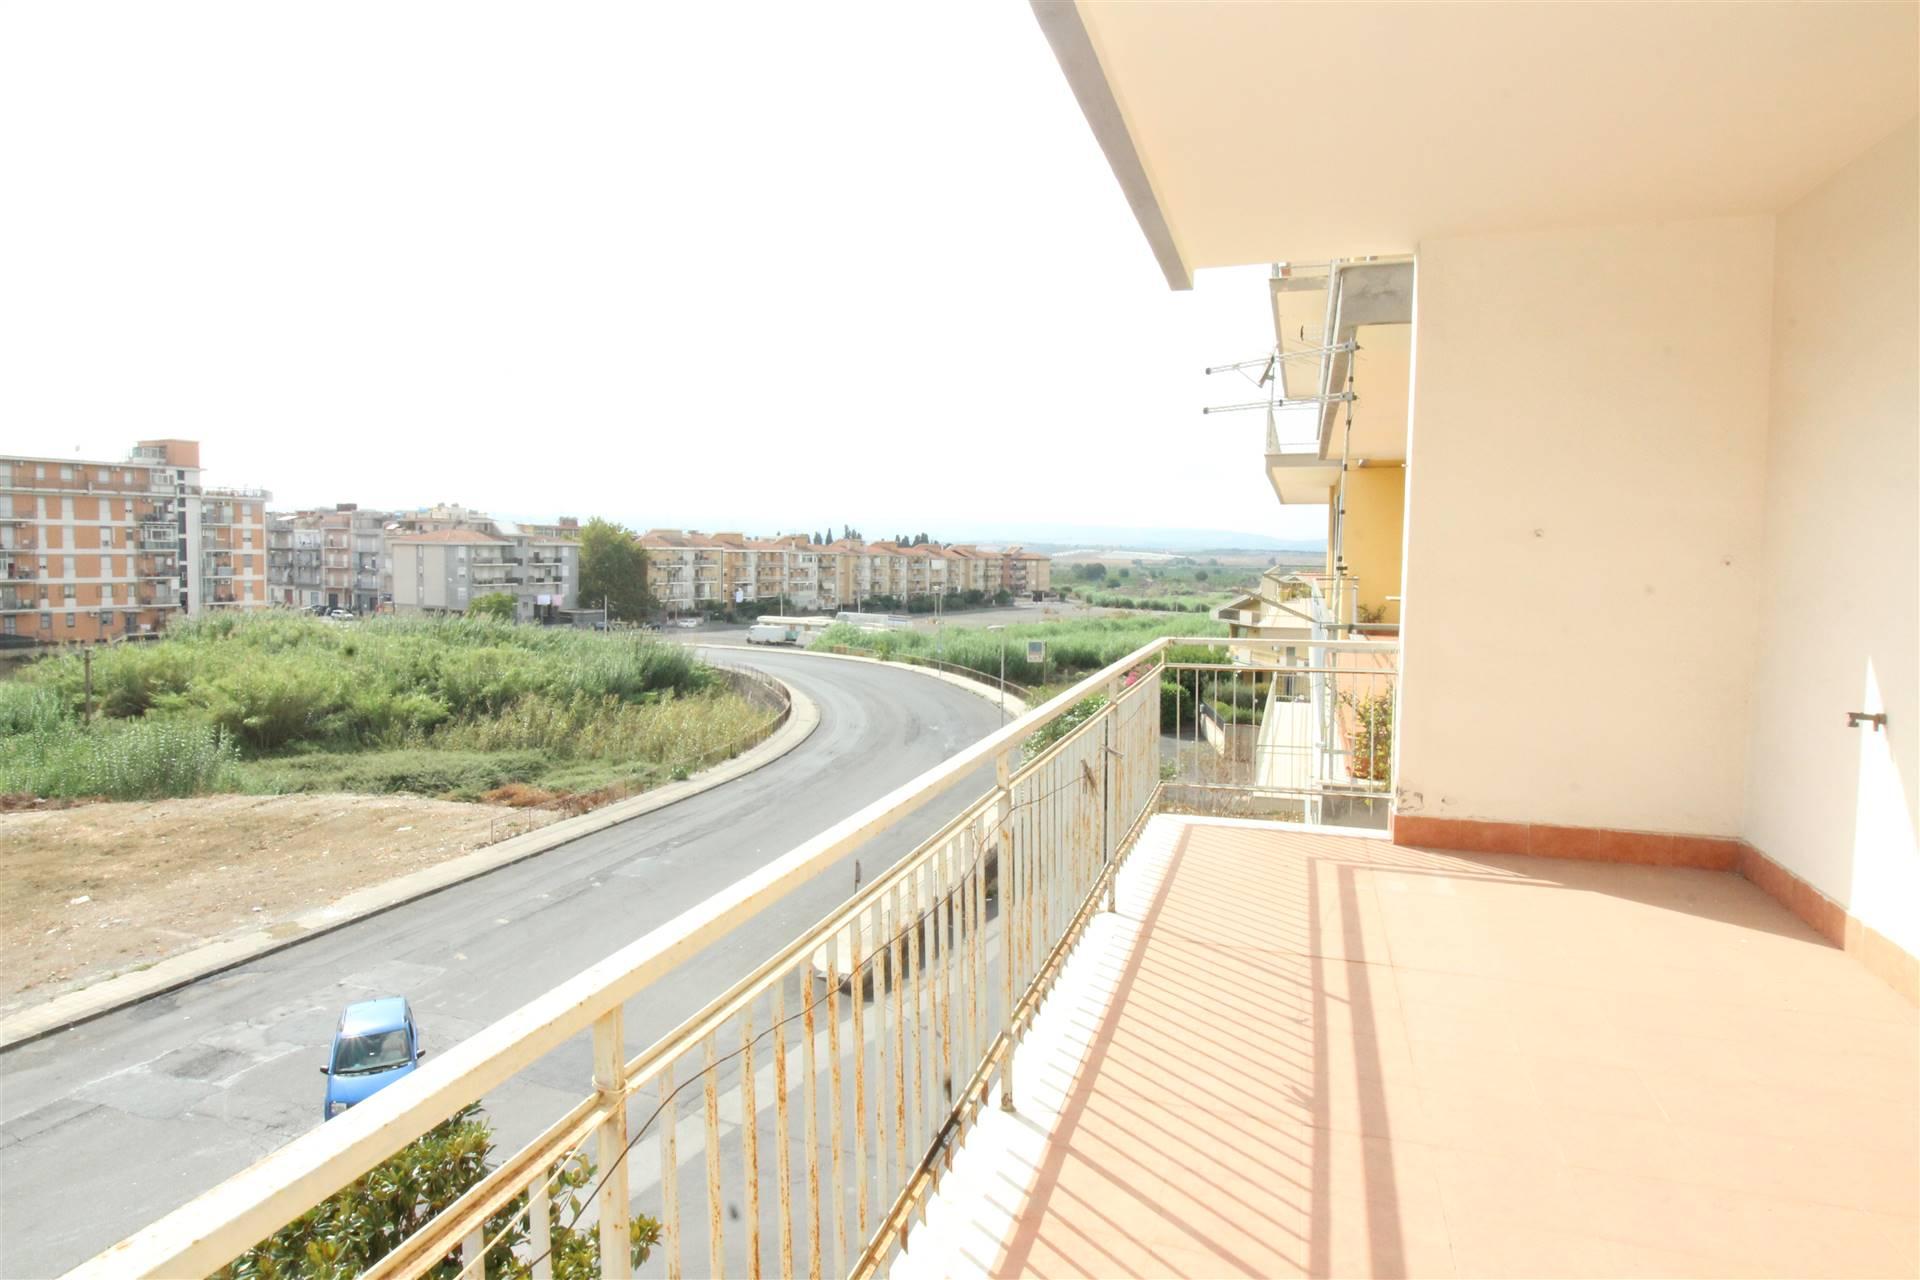 Appartamento in vendita a Lentini, 4 locali, zona Località: CRISTO RE, prezzo € 75.000 | CambioCasa.it